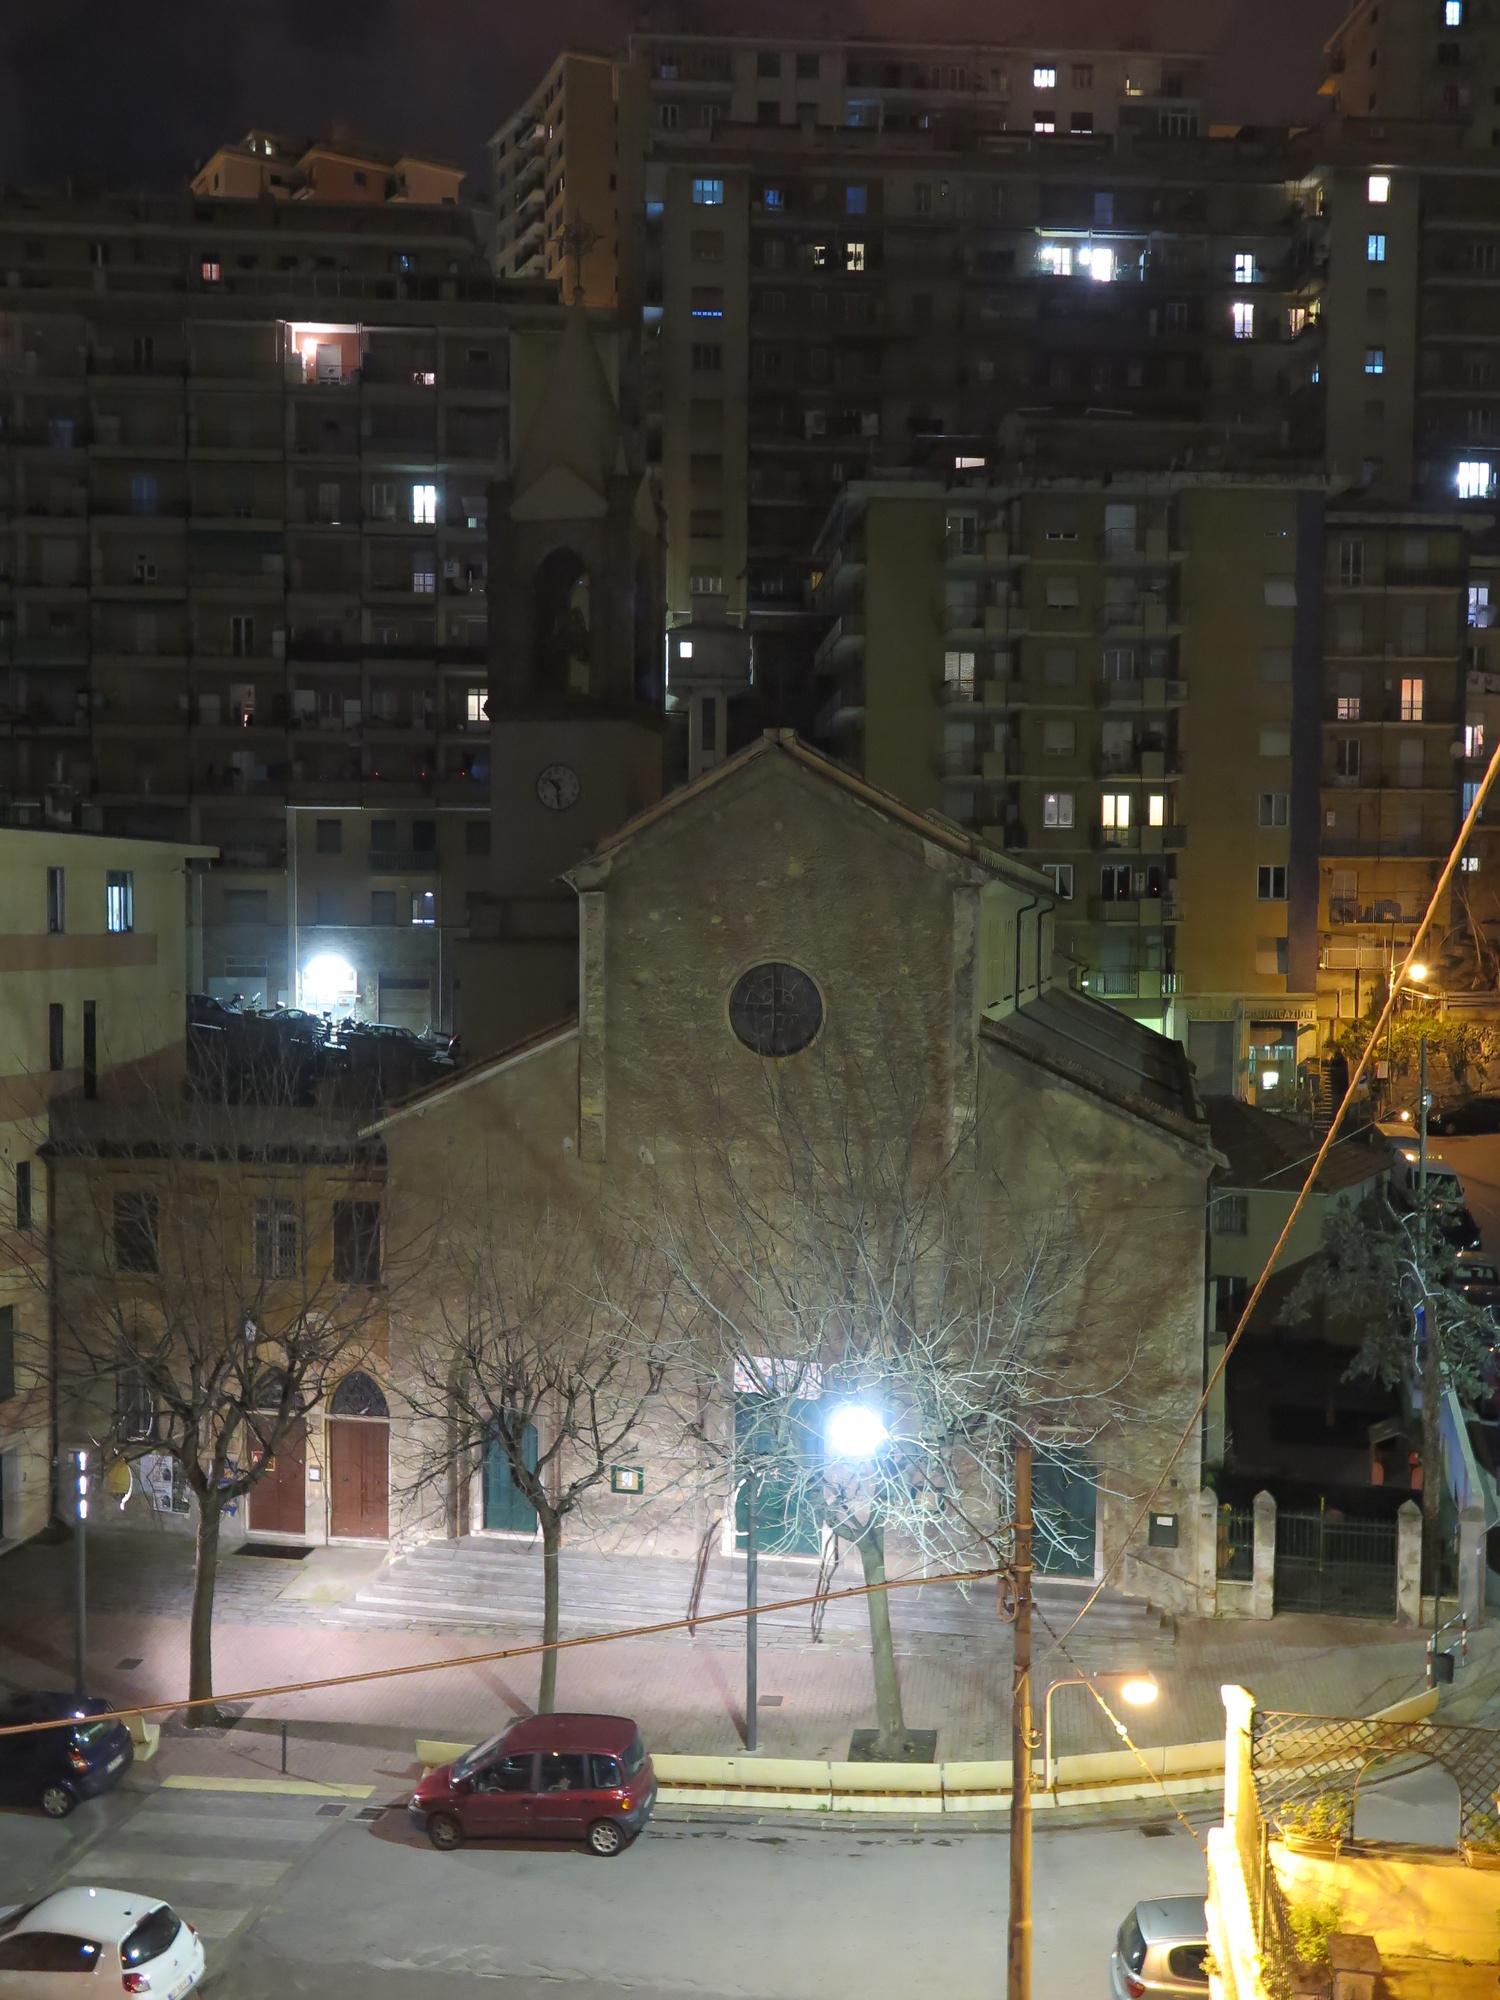 chiesa-esterno-notte-2016-03-07-22-30-04